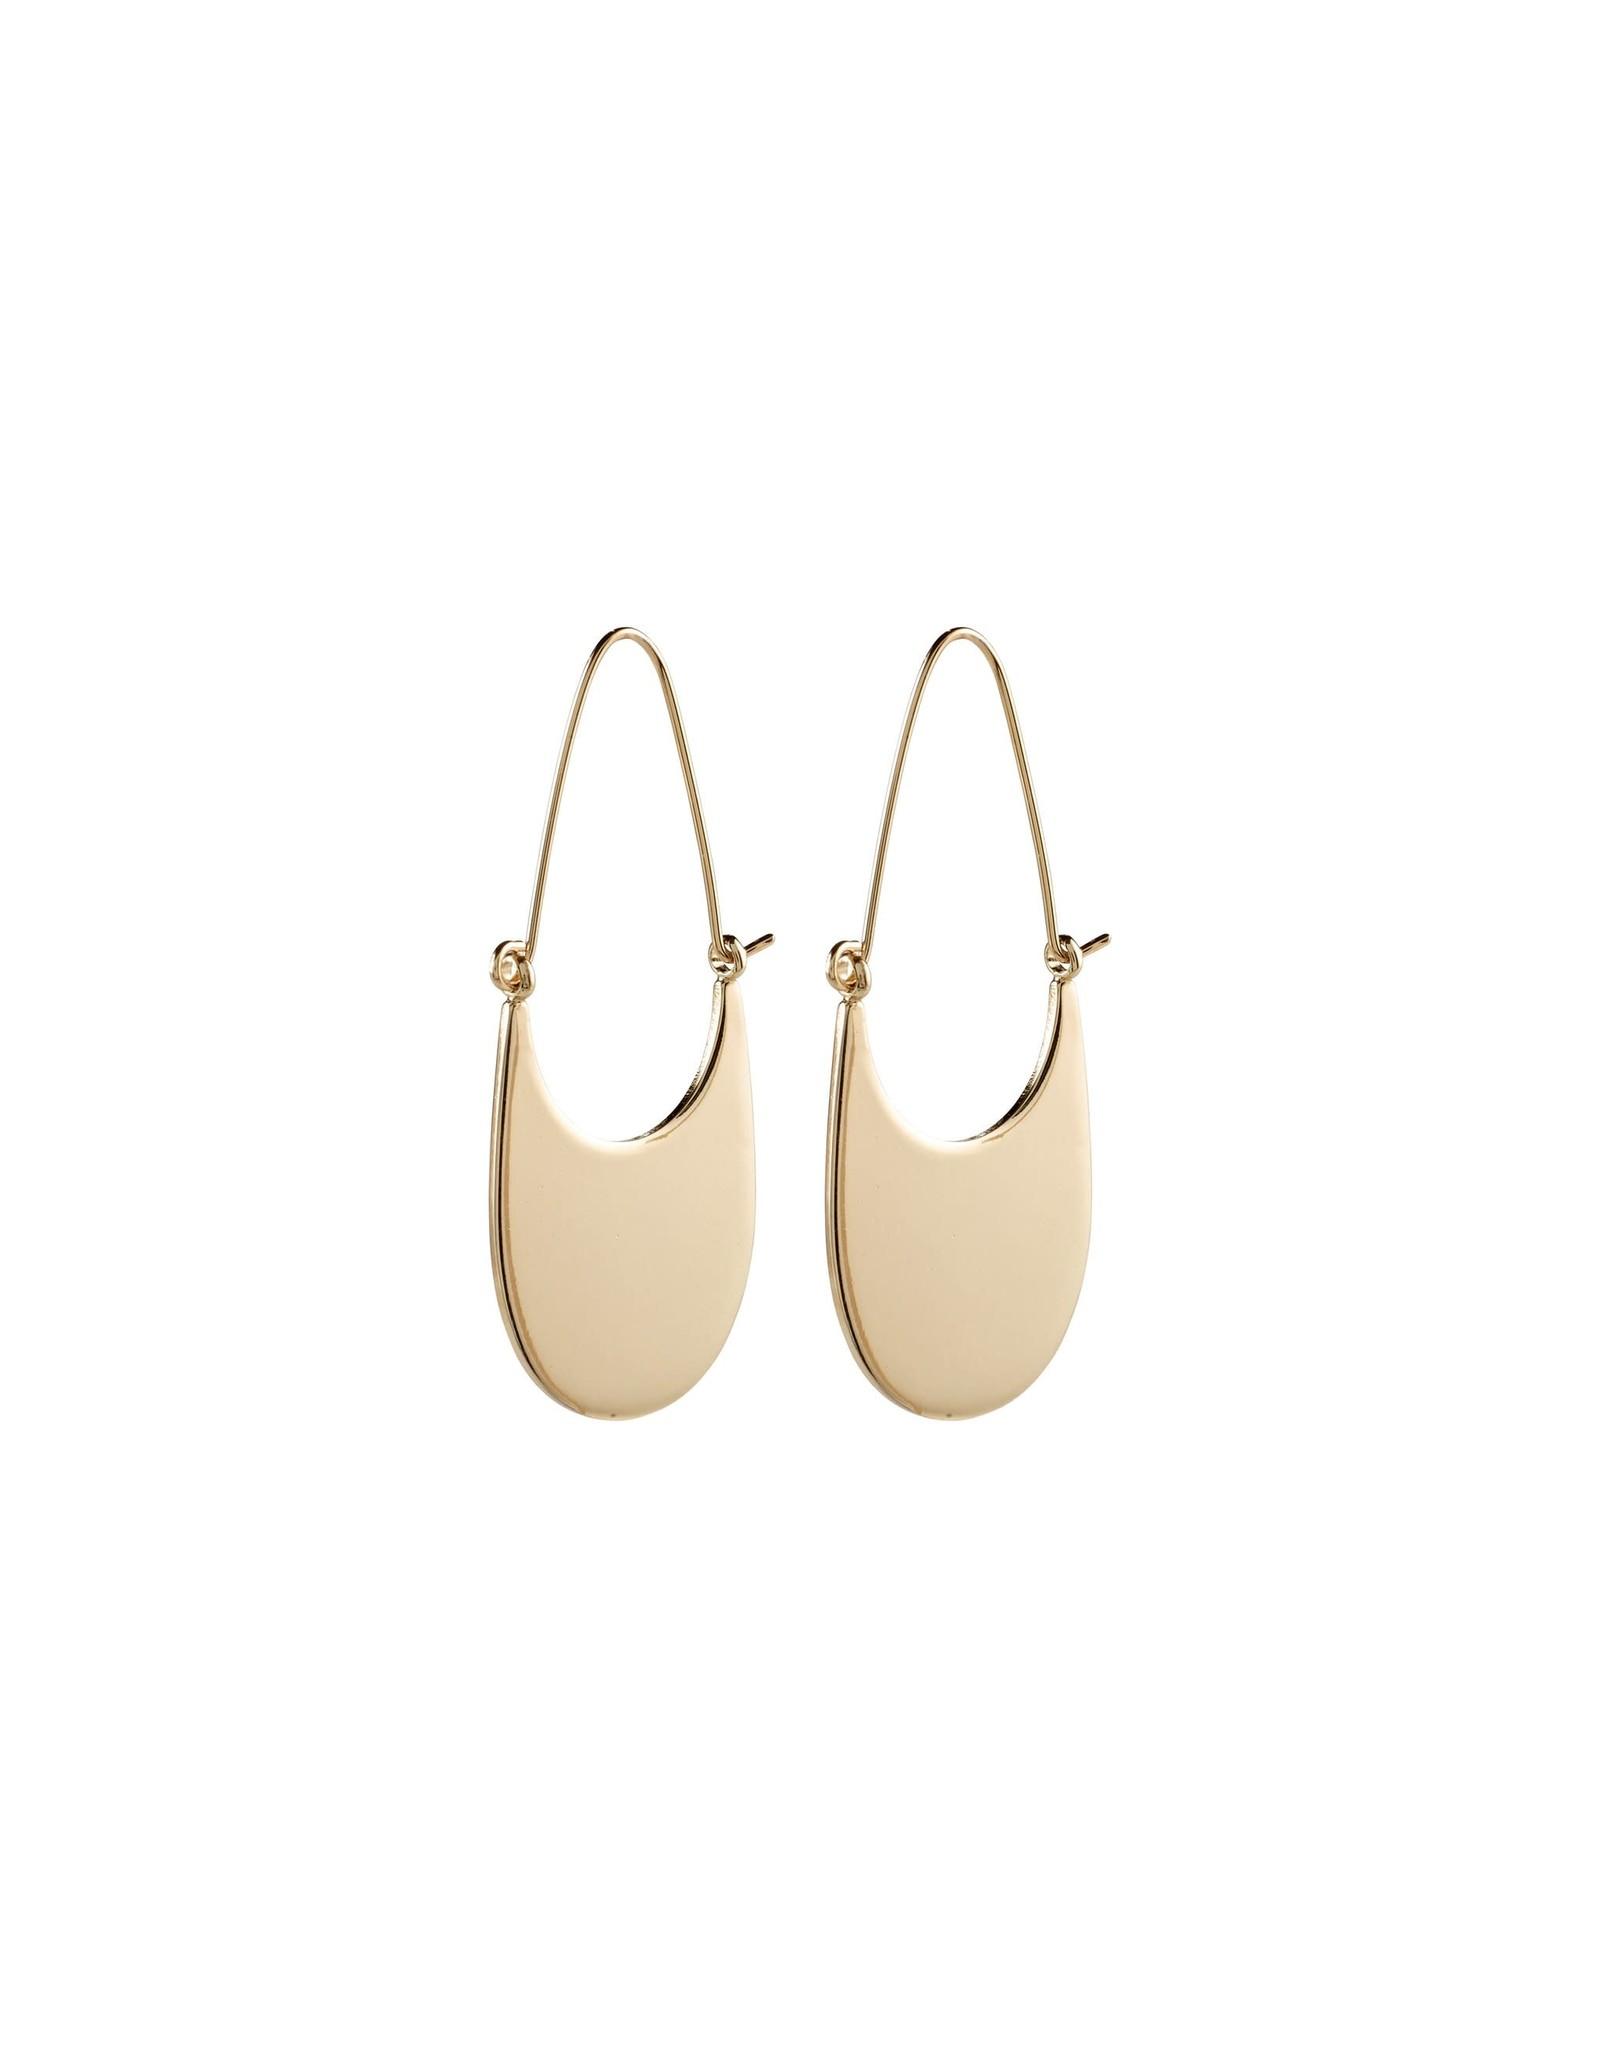 Pilgrim Earrings Everly Gold Plated Pilgrim